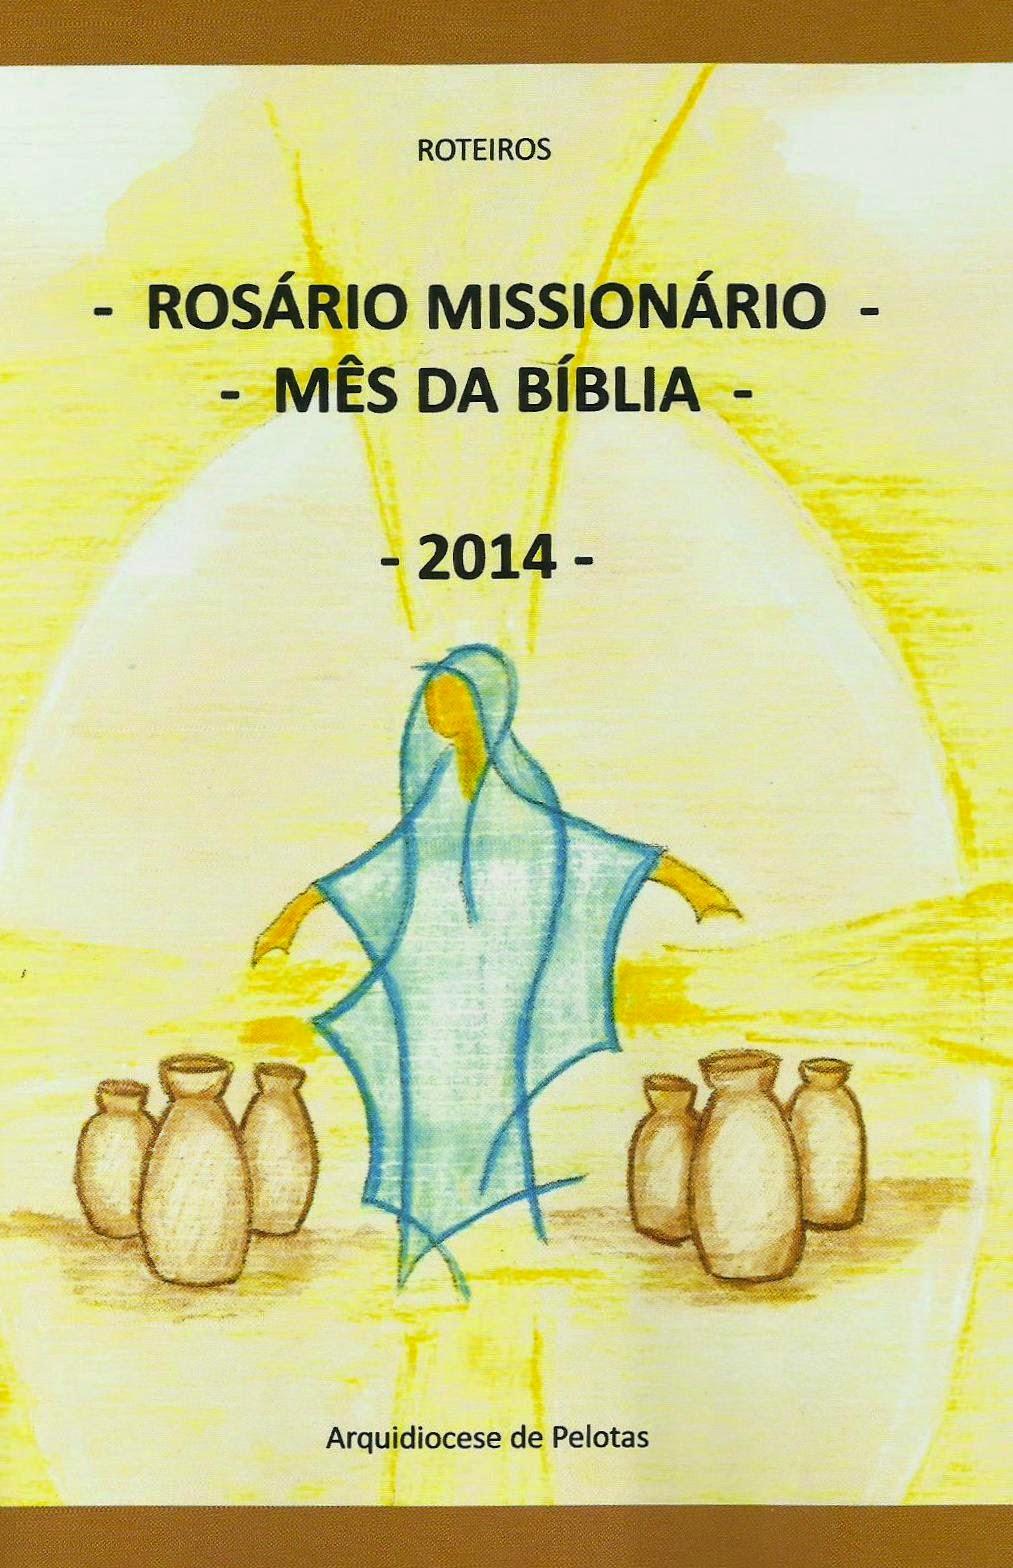 Rosário Missionário e Mês da Bíblia